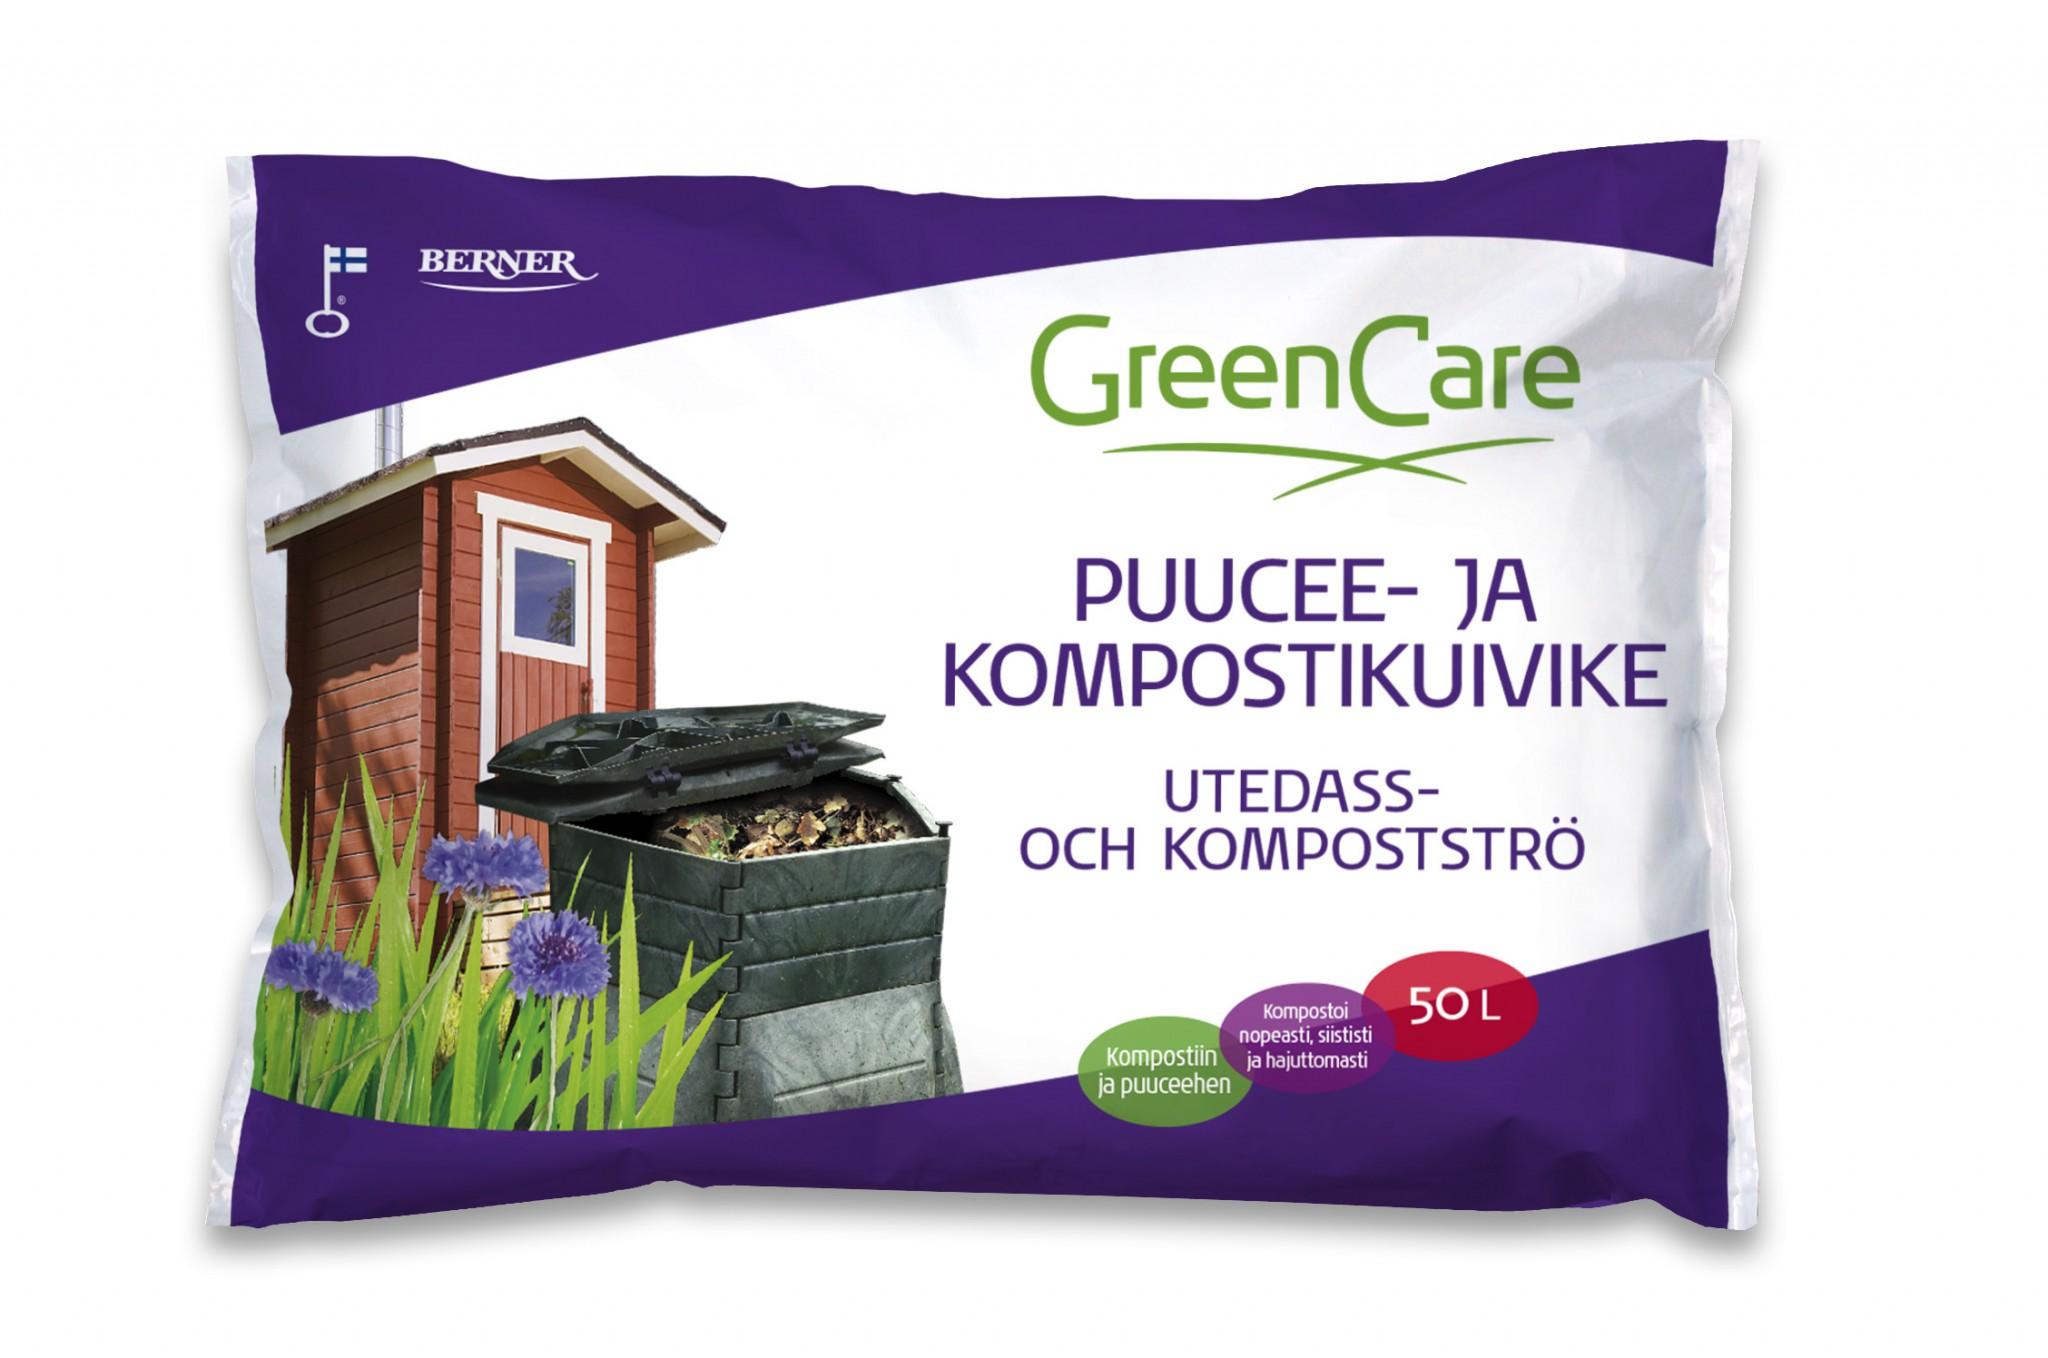 GC Puucee ja kompostikuivike 50 l